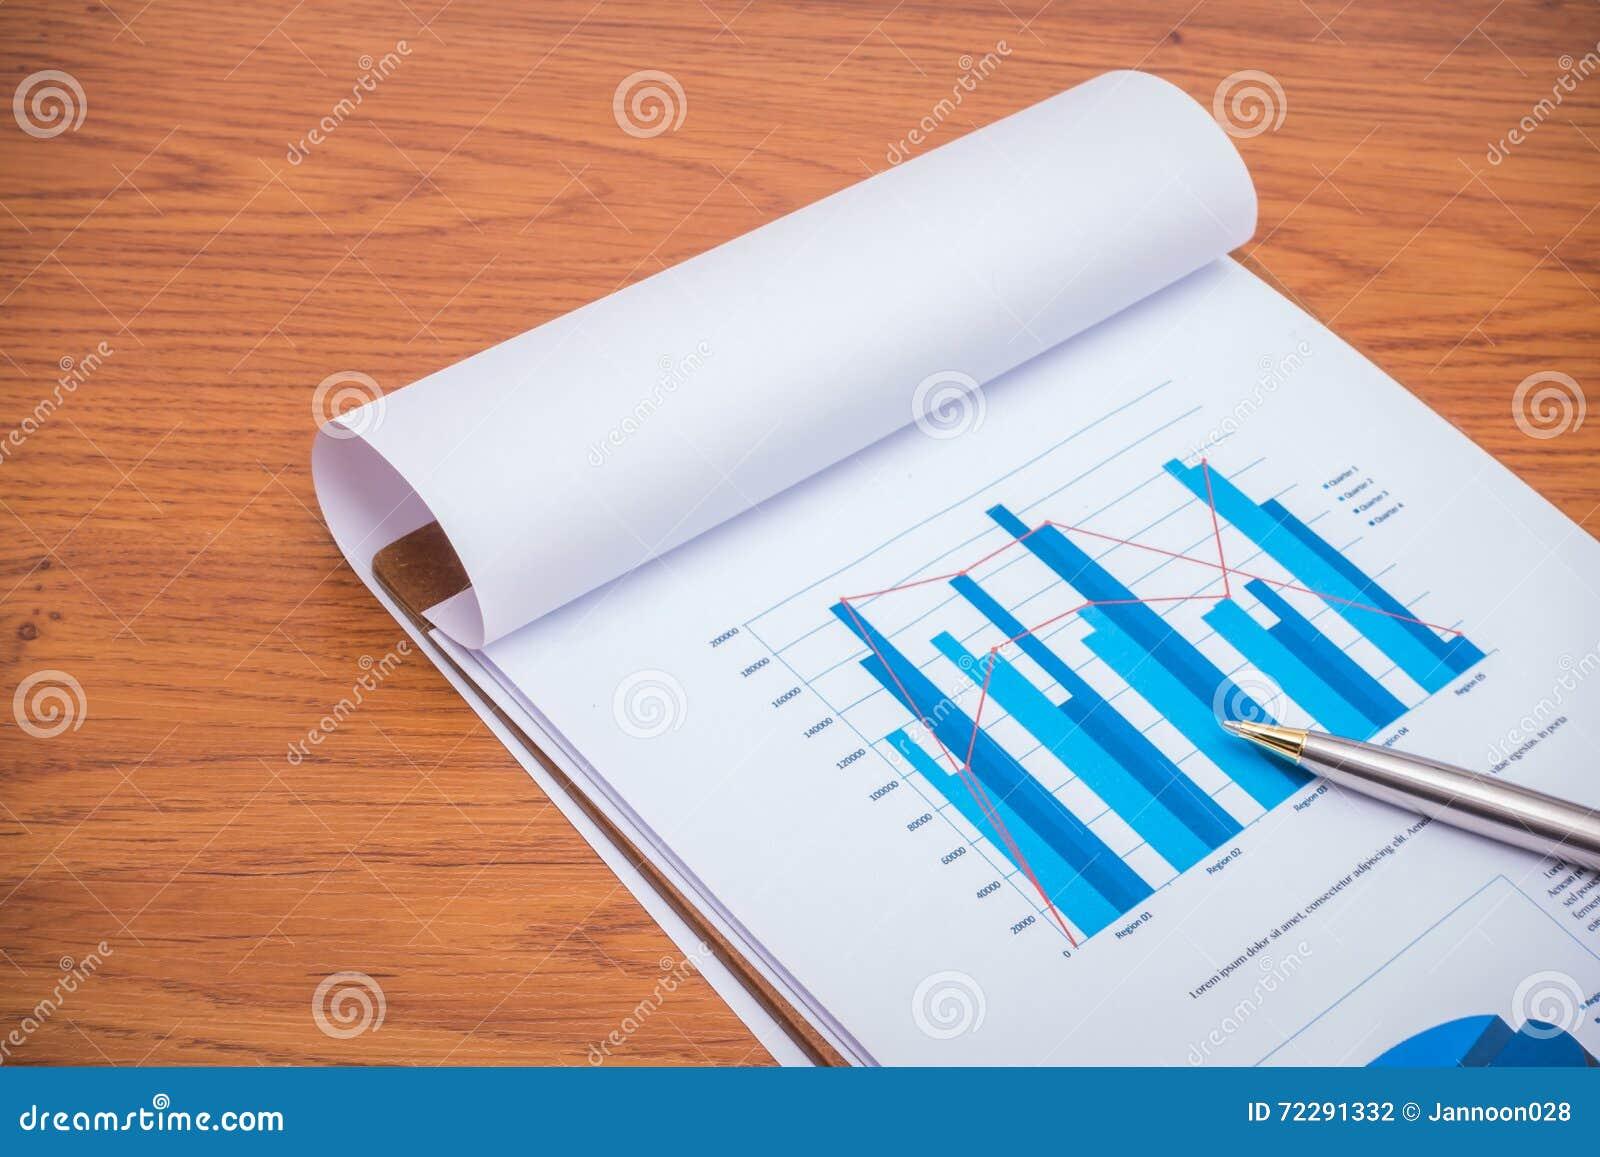 Download Финансовые диаграммы с ручкой на таблице Стоковое Фото - изображение насчитывающей список, финансы: 72291332